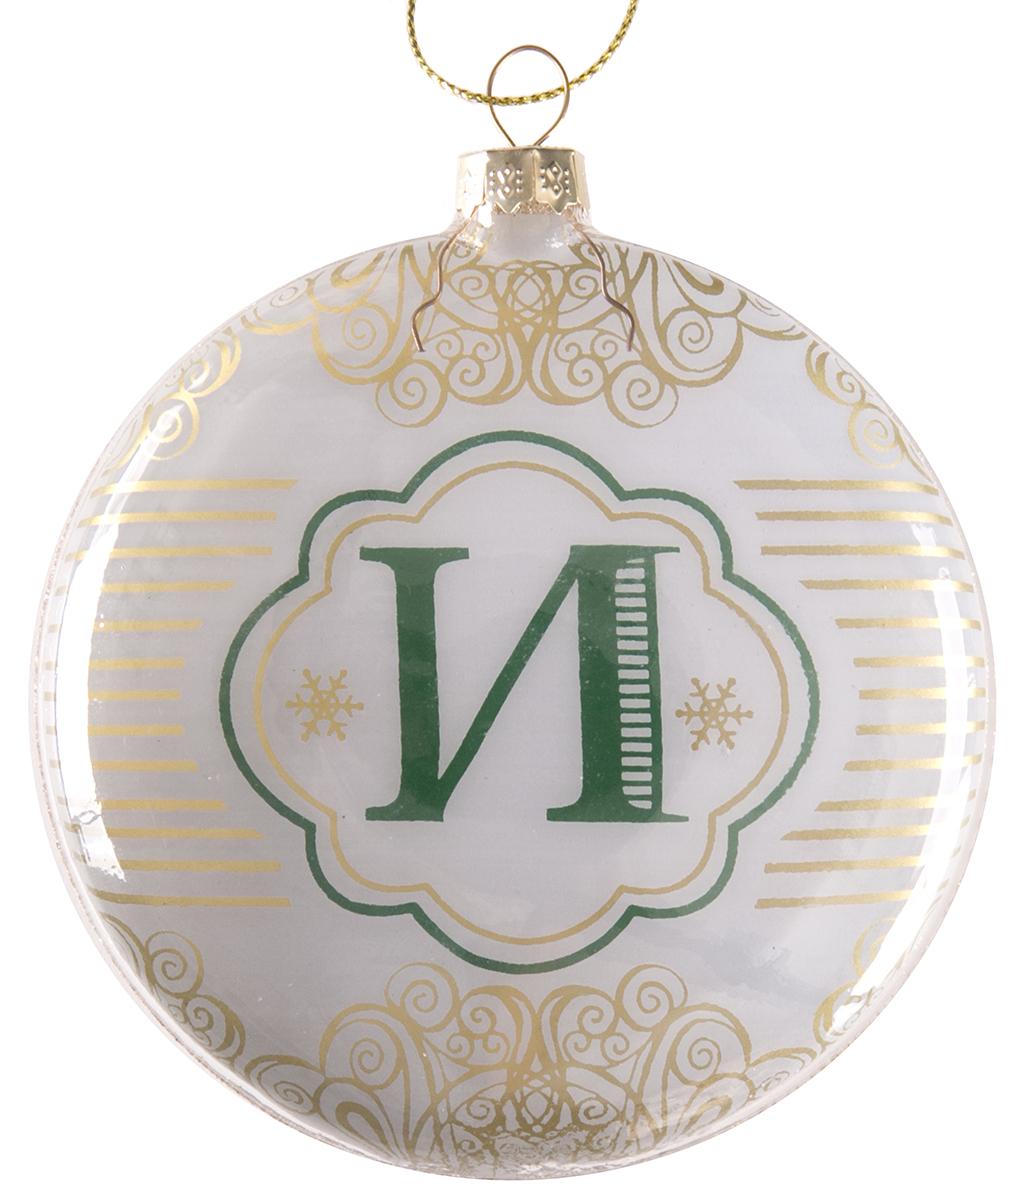 Украшение новогоднее подвесное Magic Time Буква И, стеклянное. 7582975829Новогоднее подвесное украшение из стекла БУКВА И, 10 см, артикул 75829